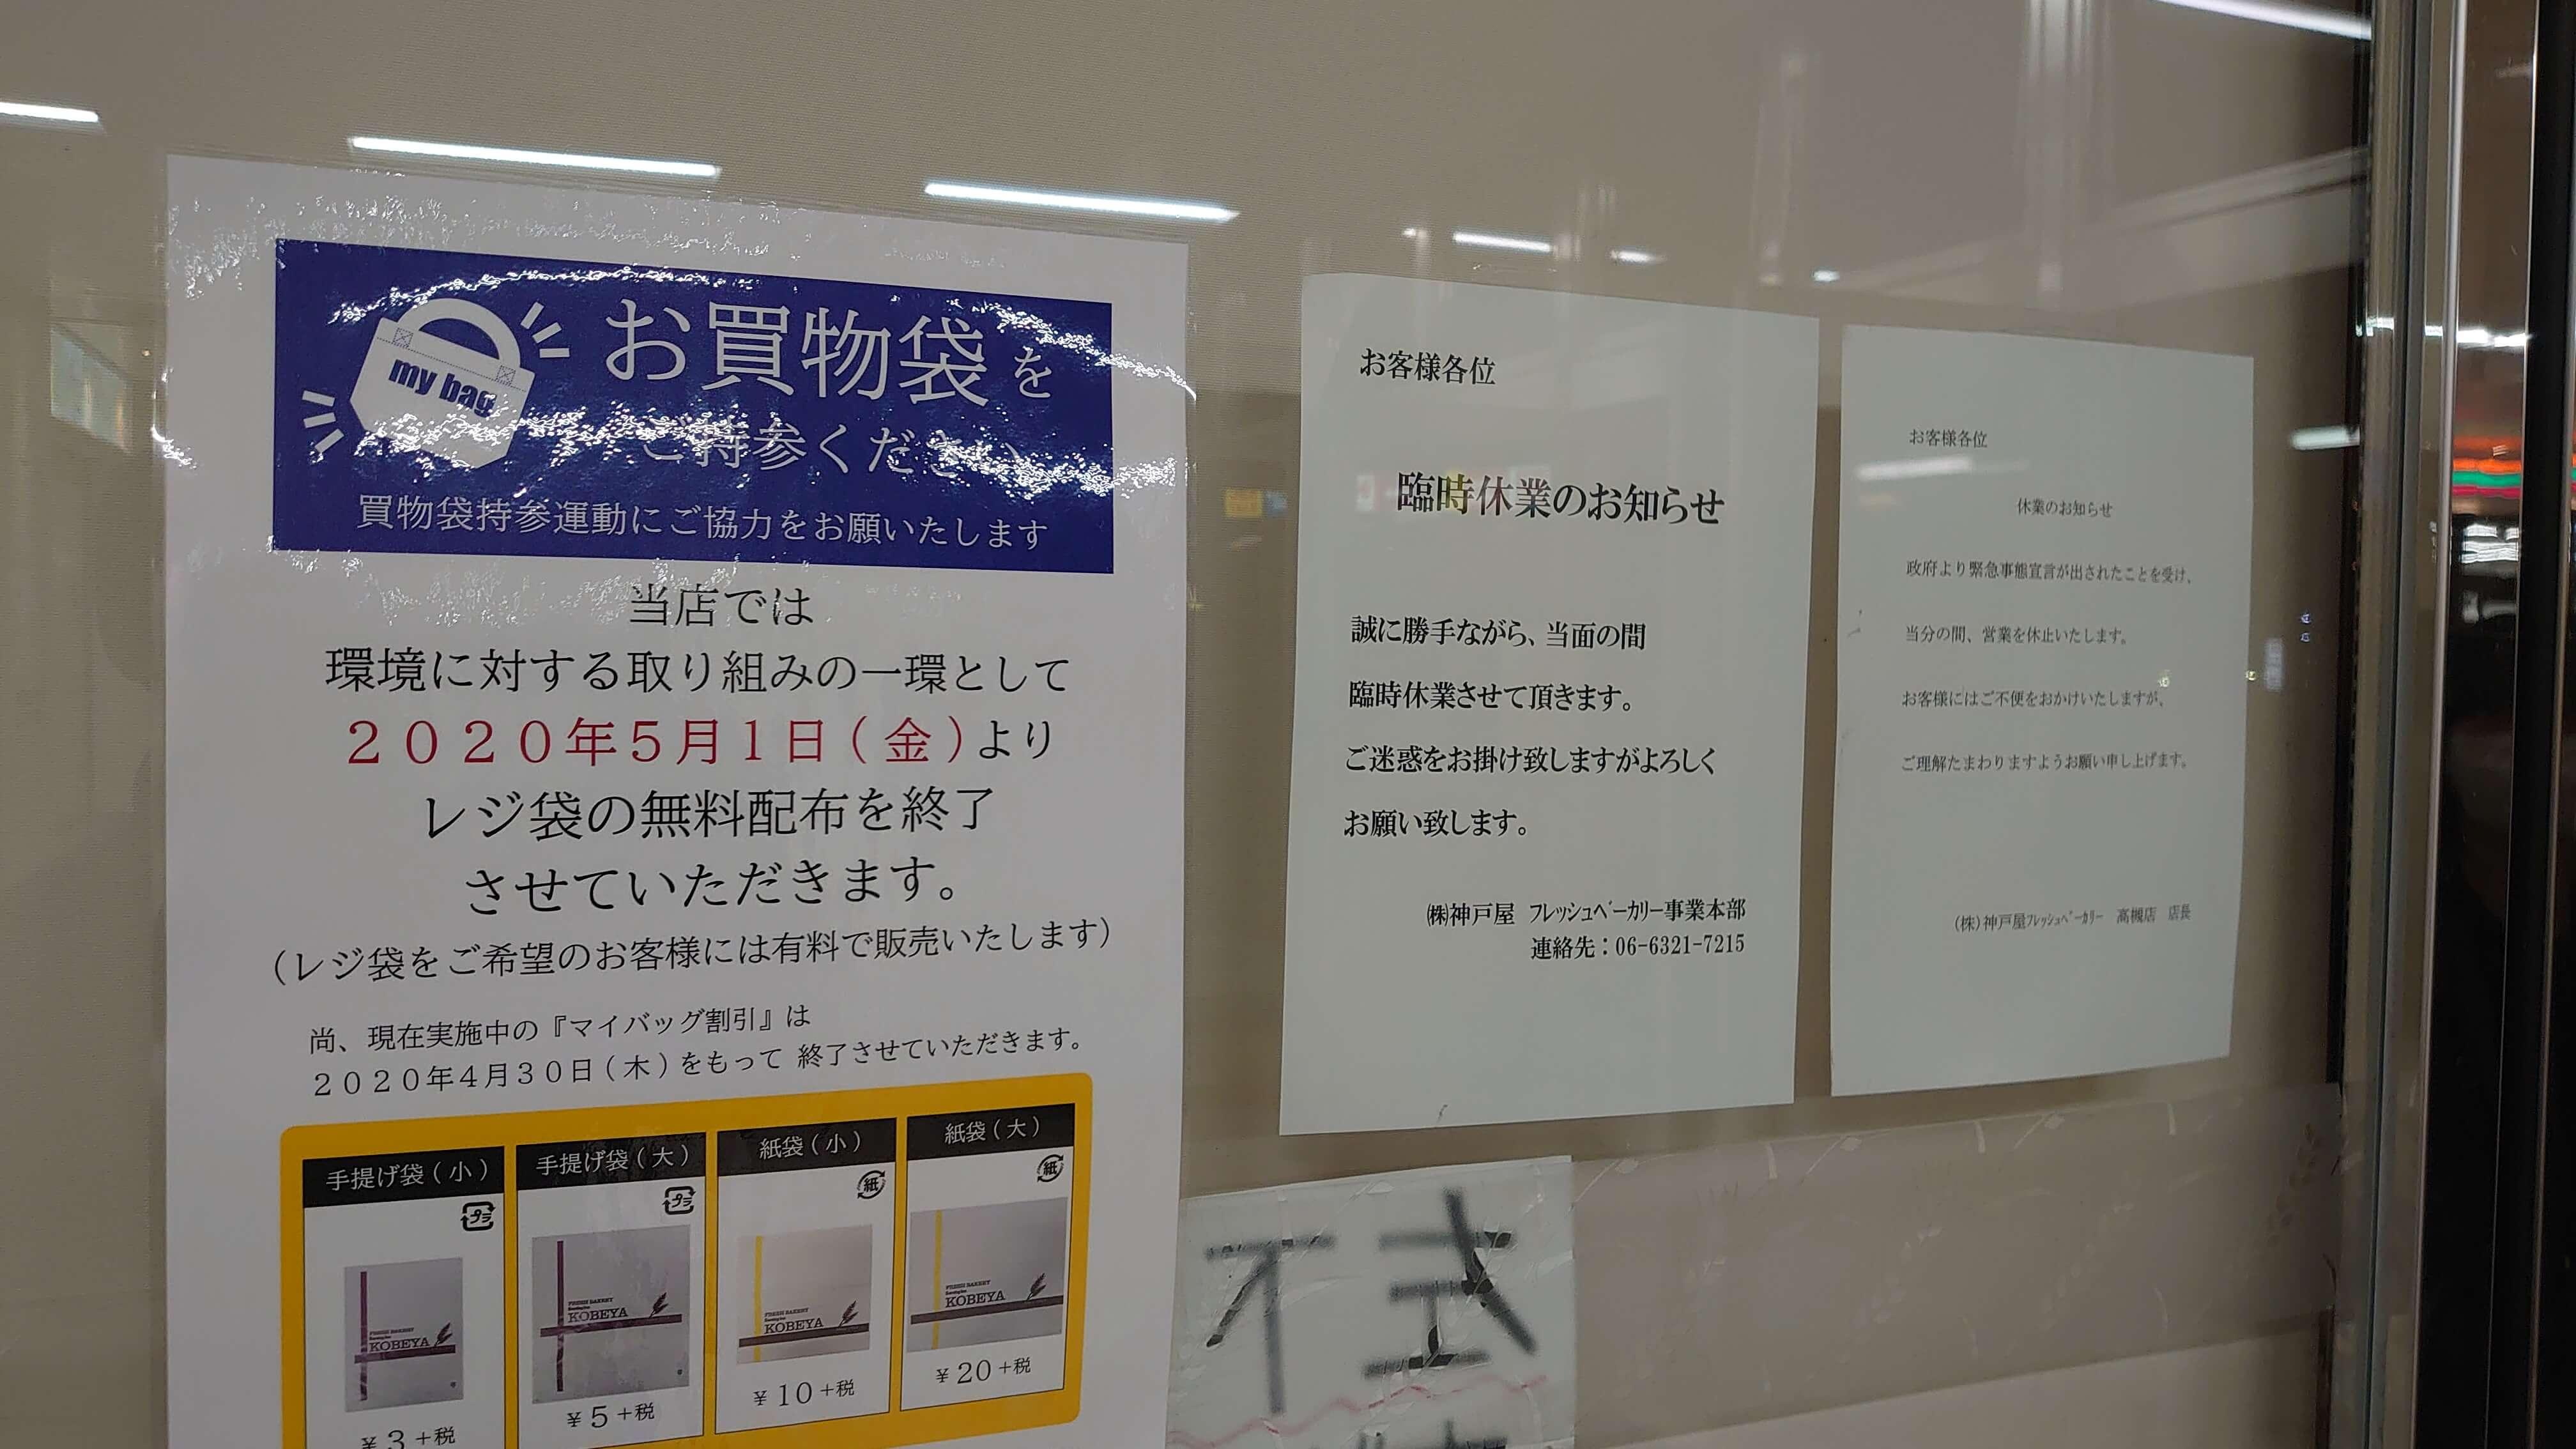 フレッシュベーカリー神戸屋 JR高槻駅 臨時休業 お知らせ